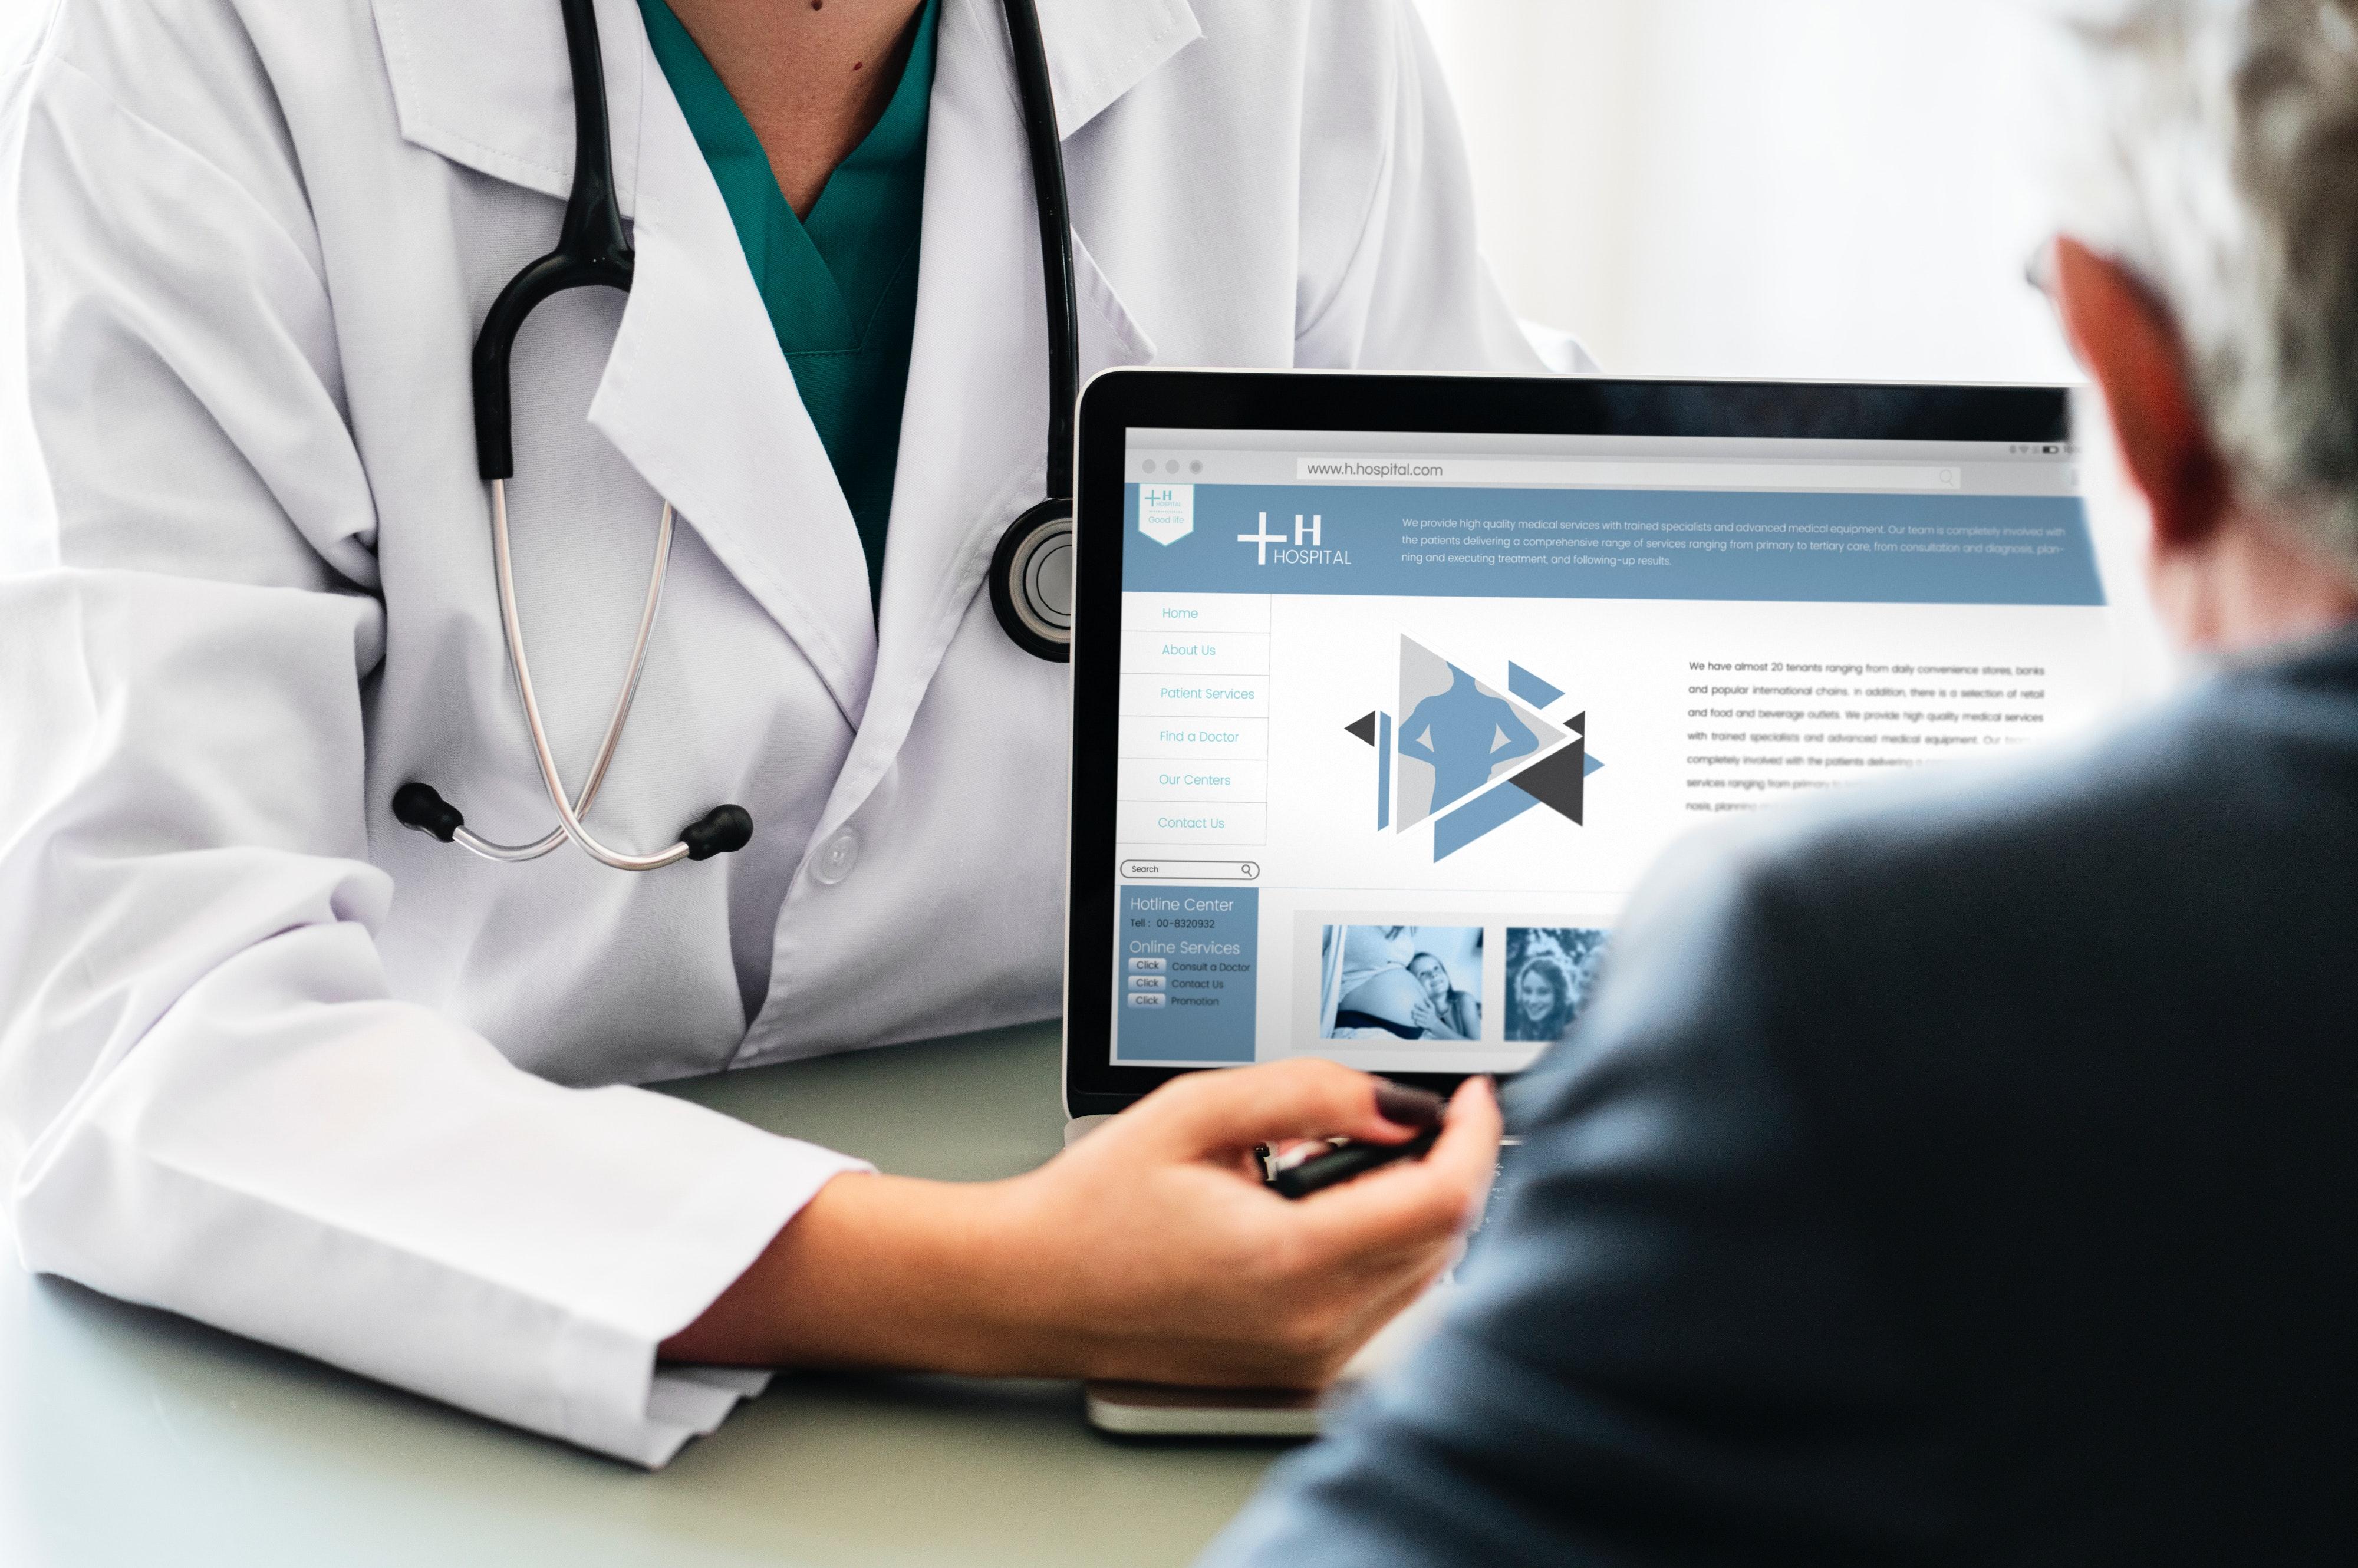 La santé connectée et les innovations de demain